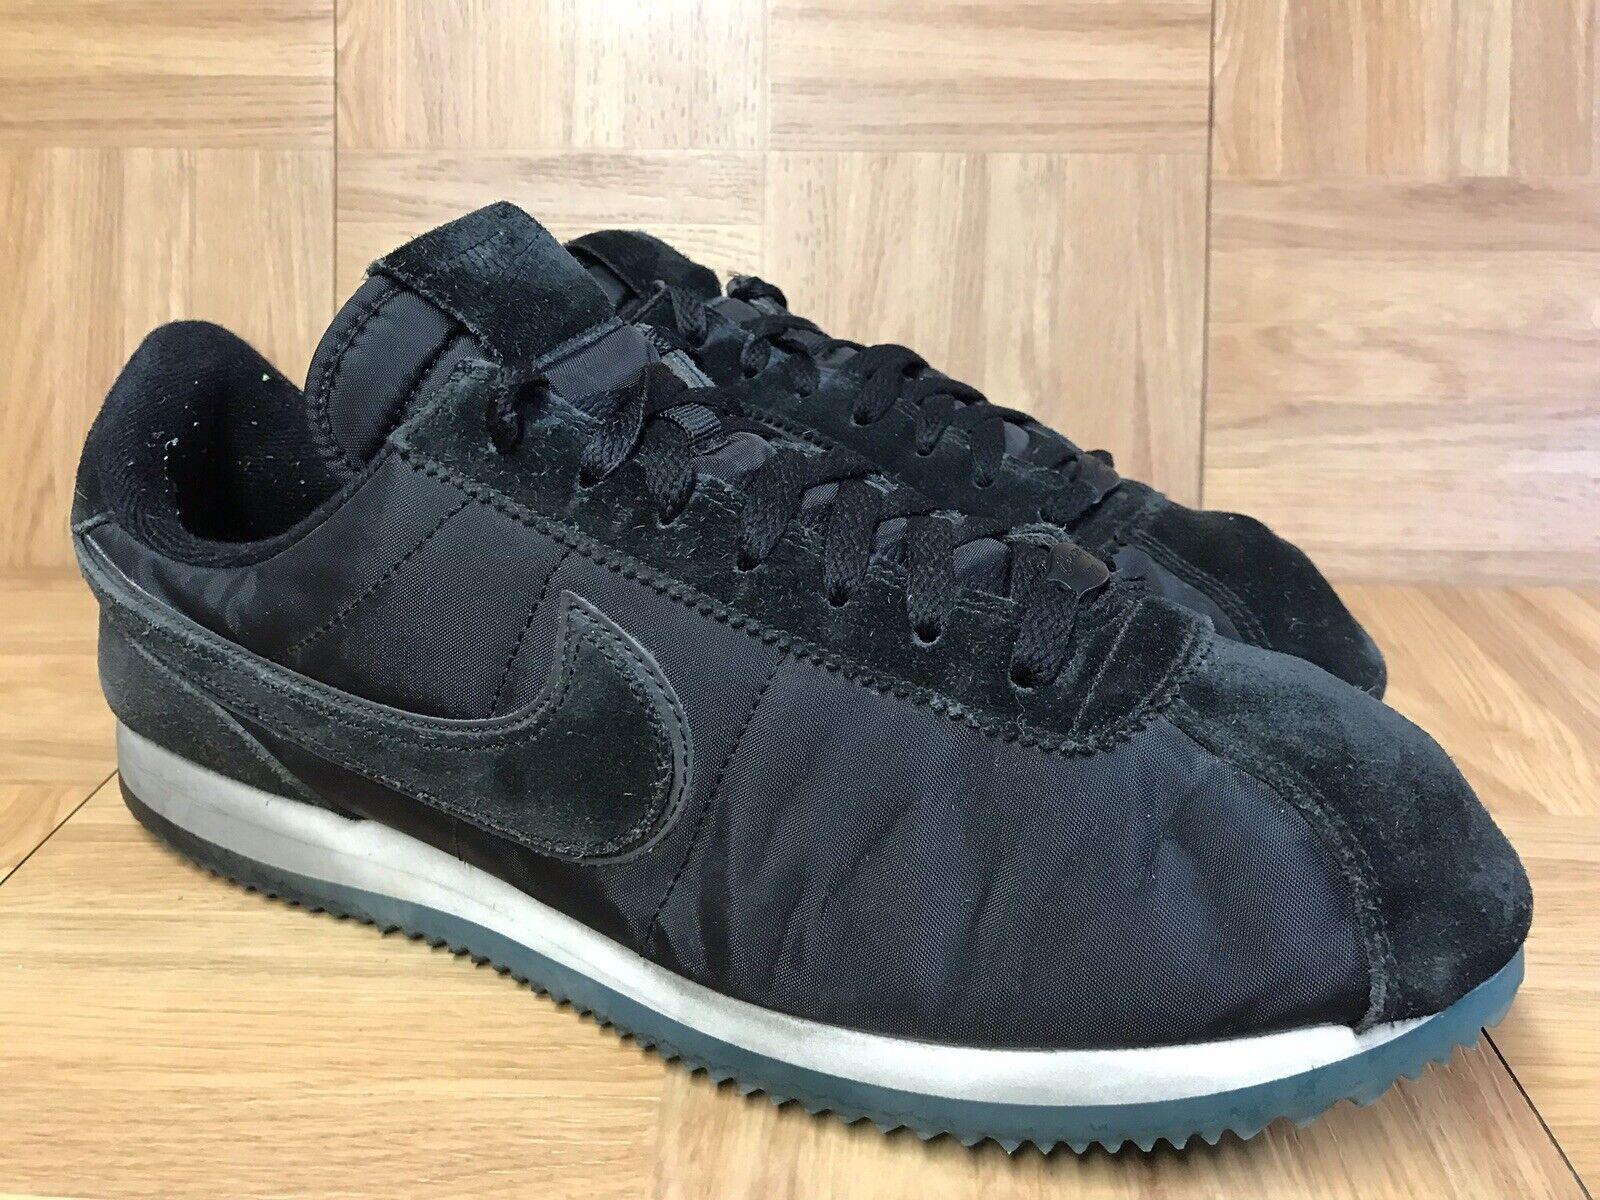 RARE Nike Cortez LHM Heritage Month QS Sz 12 Men's shoes Blk